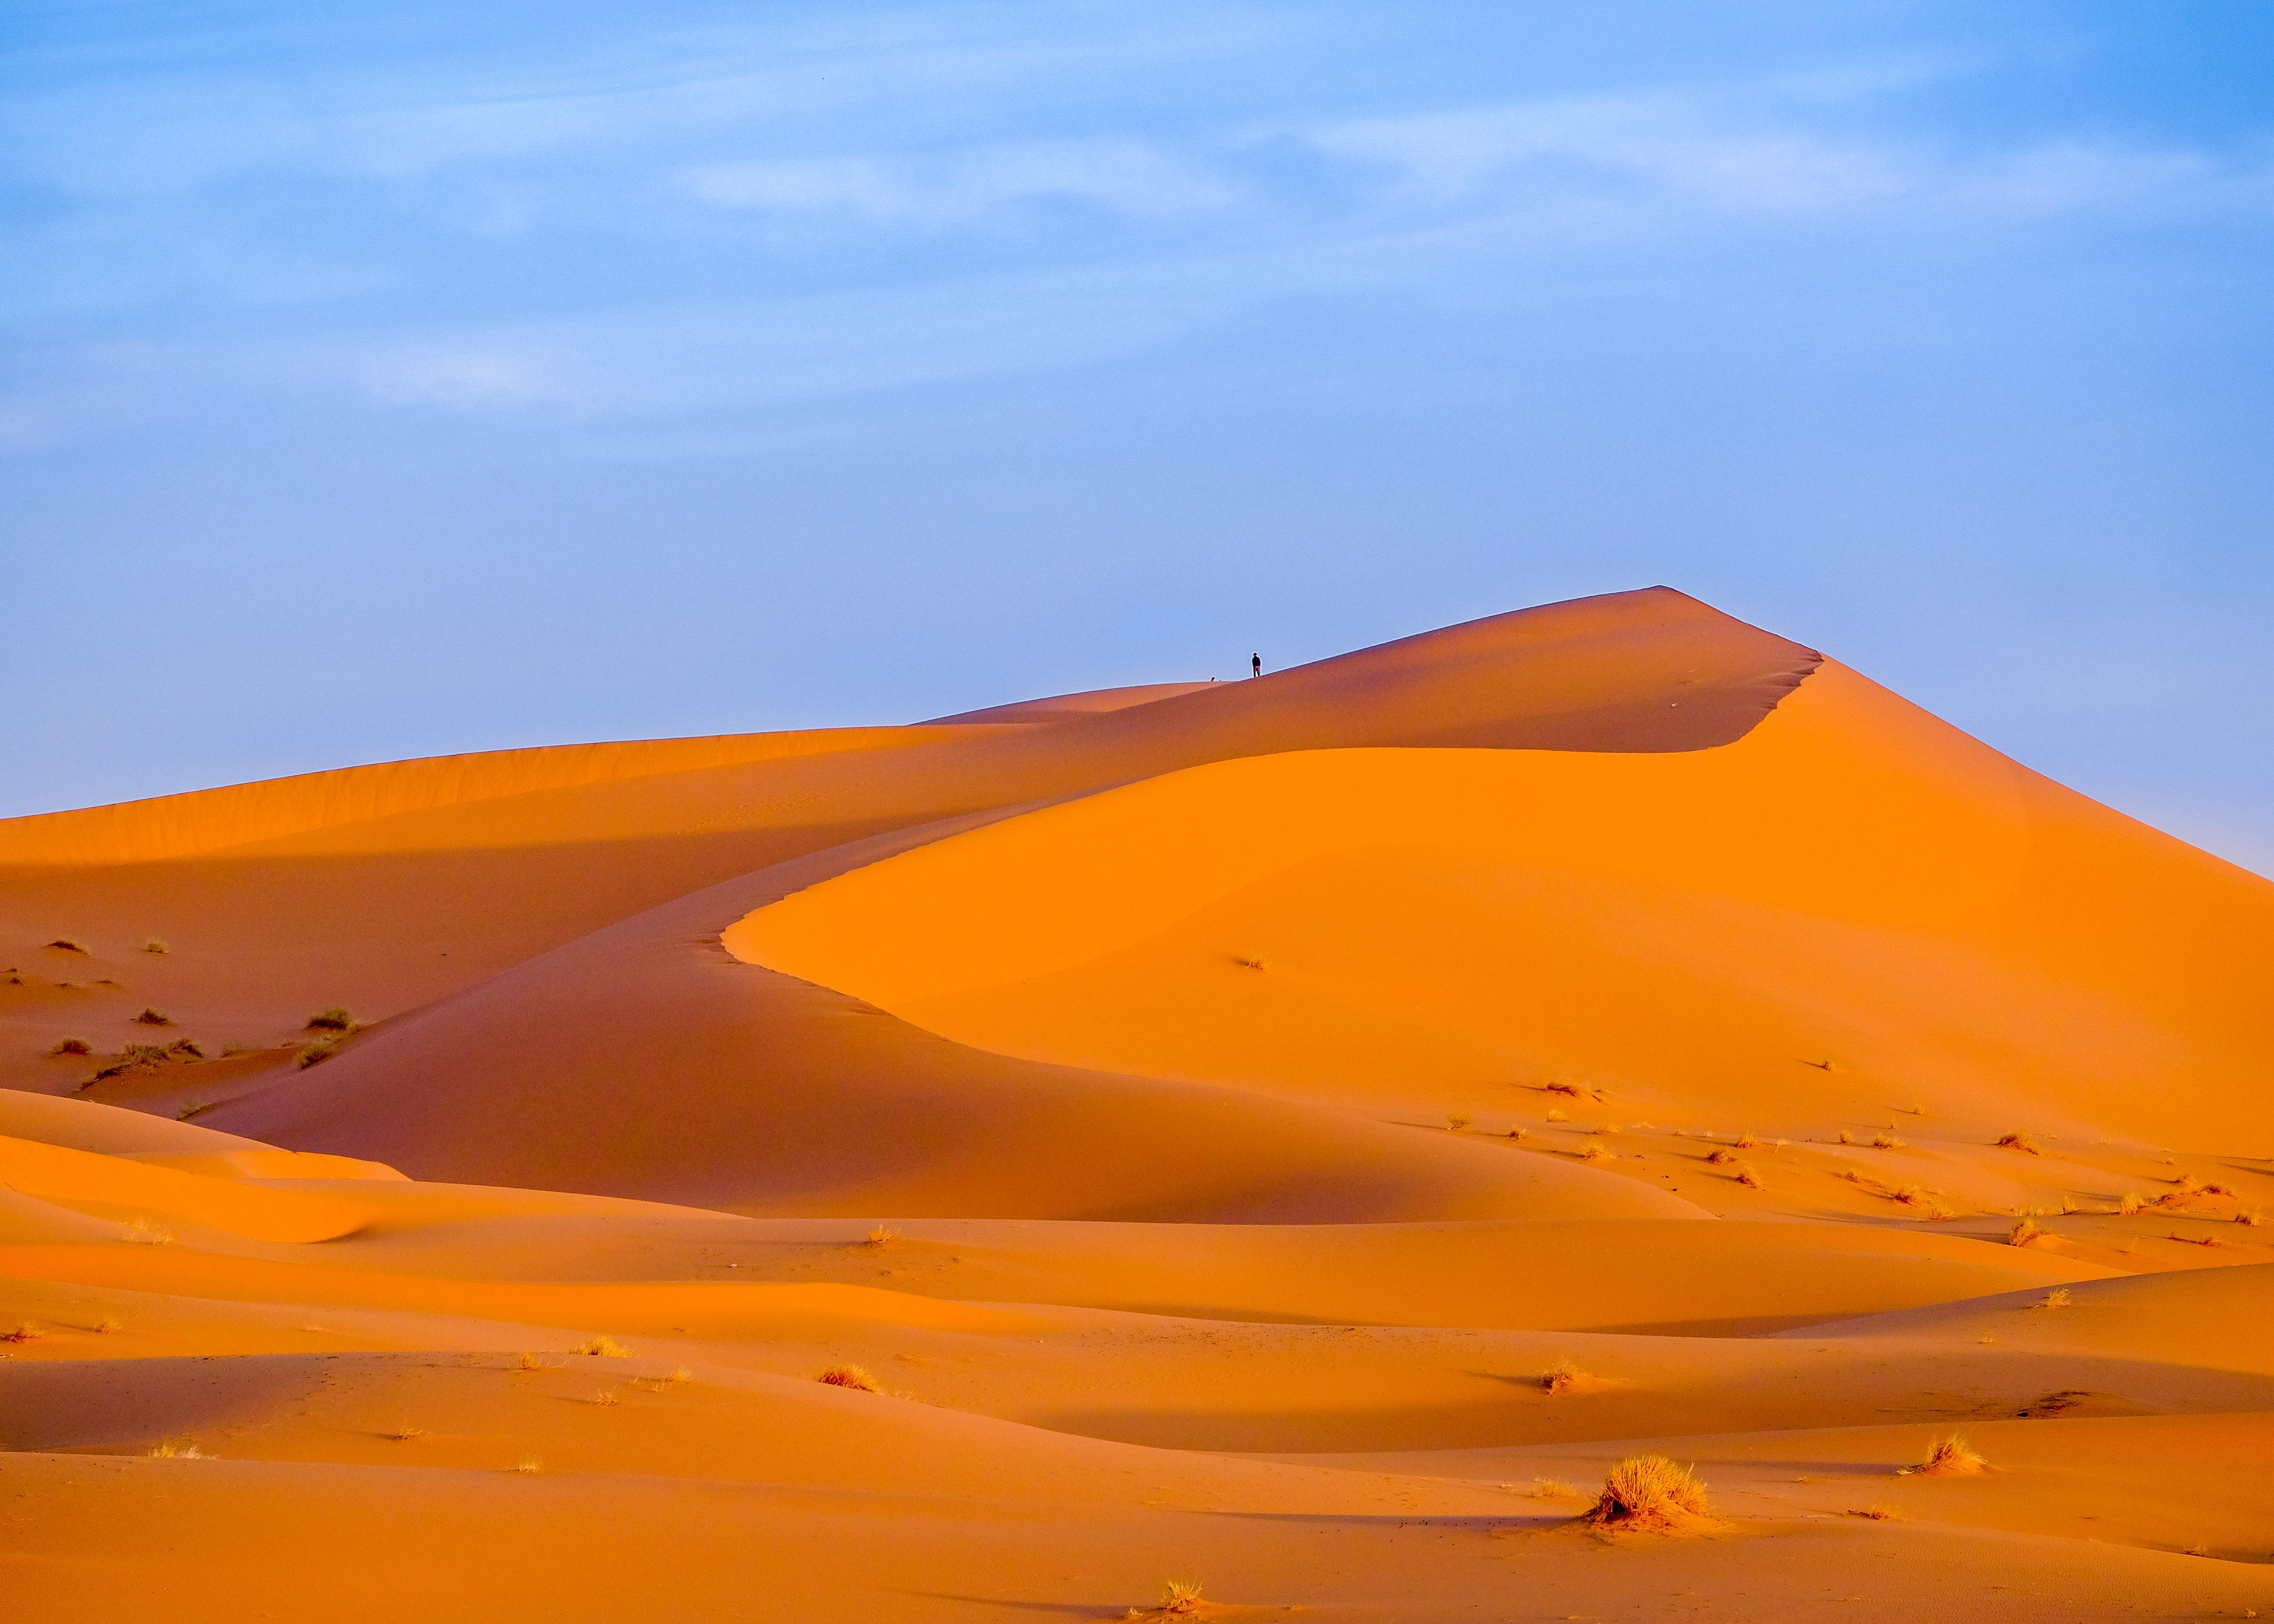 Maroc Desert (9 of 15)